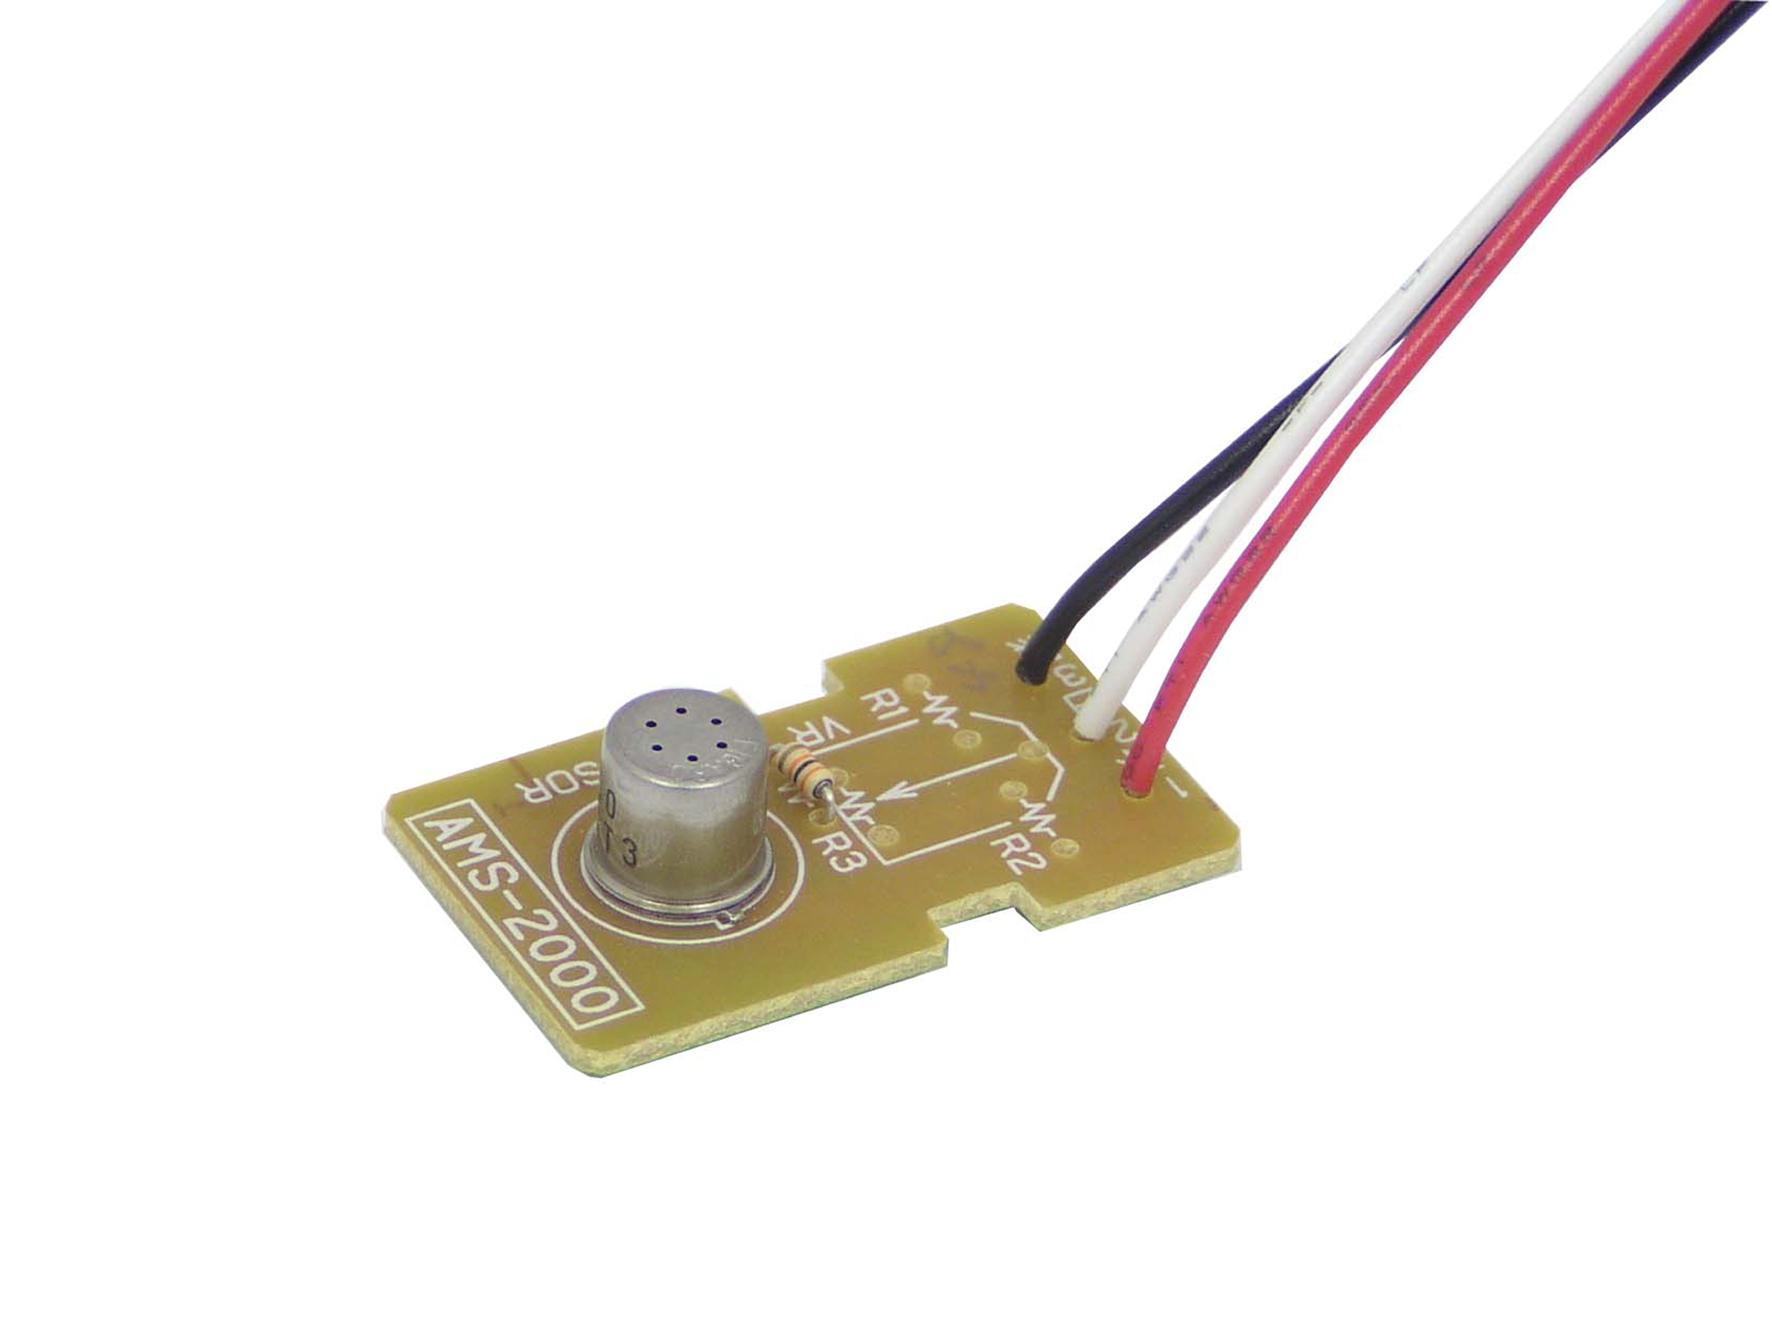 #99324B22344092 Luchtkwaliteitsensor Sensoren En Transmitters Elektronicasensoren  betrouwbaar Luchtkwaliteit Binnenshuis Meten 3687 afbeelding opslaan 177213293687 Idee